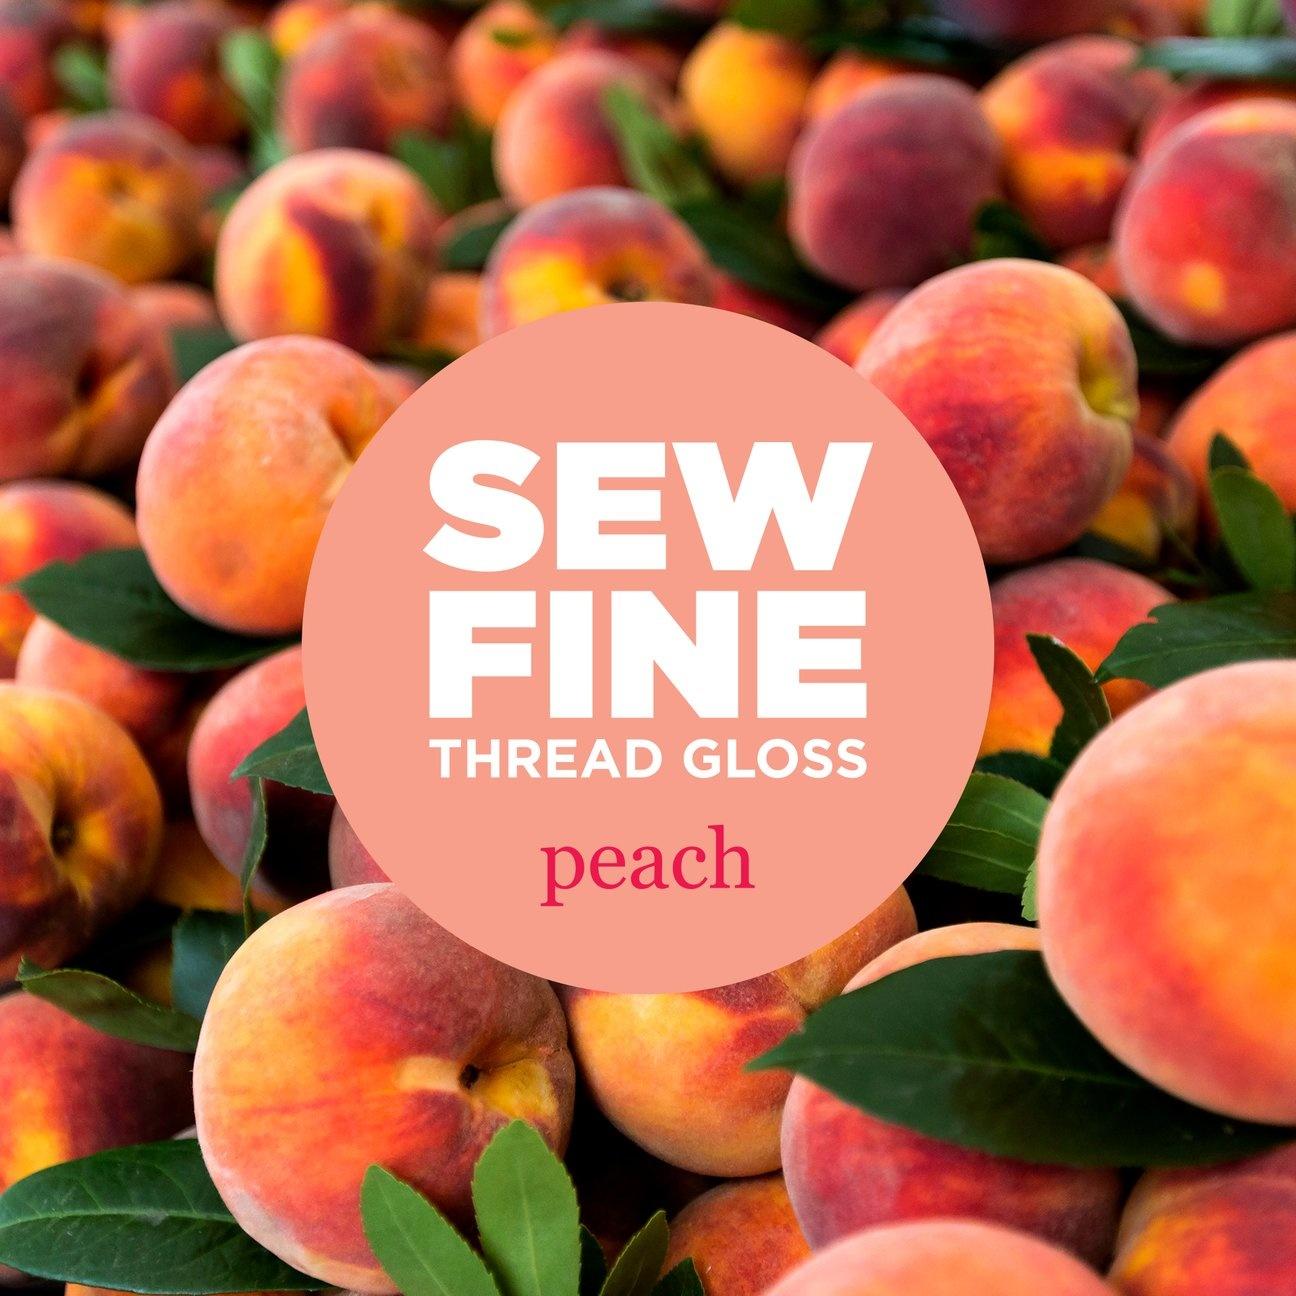 Sew Fine Thread Gloss : Peach